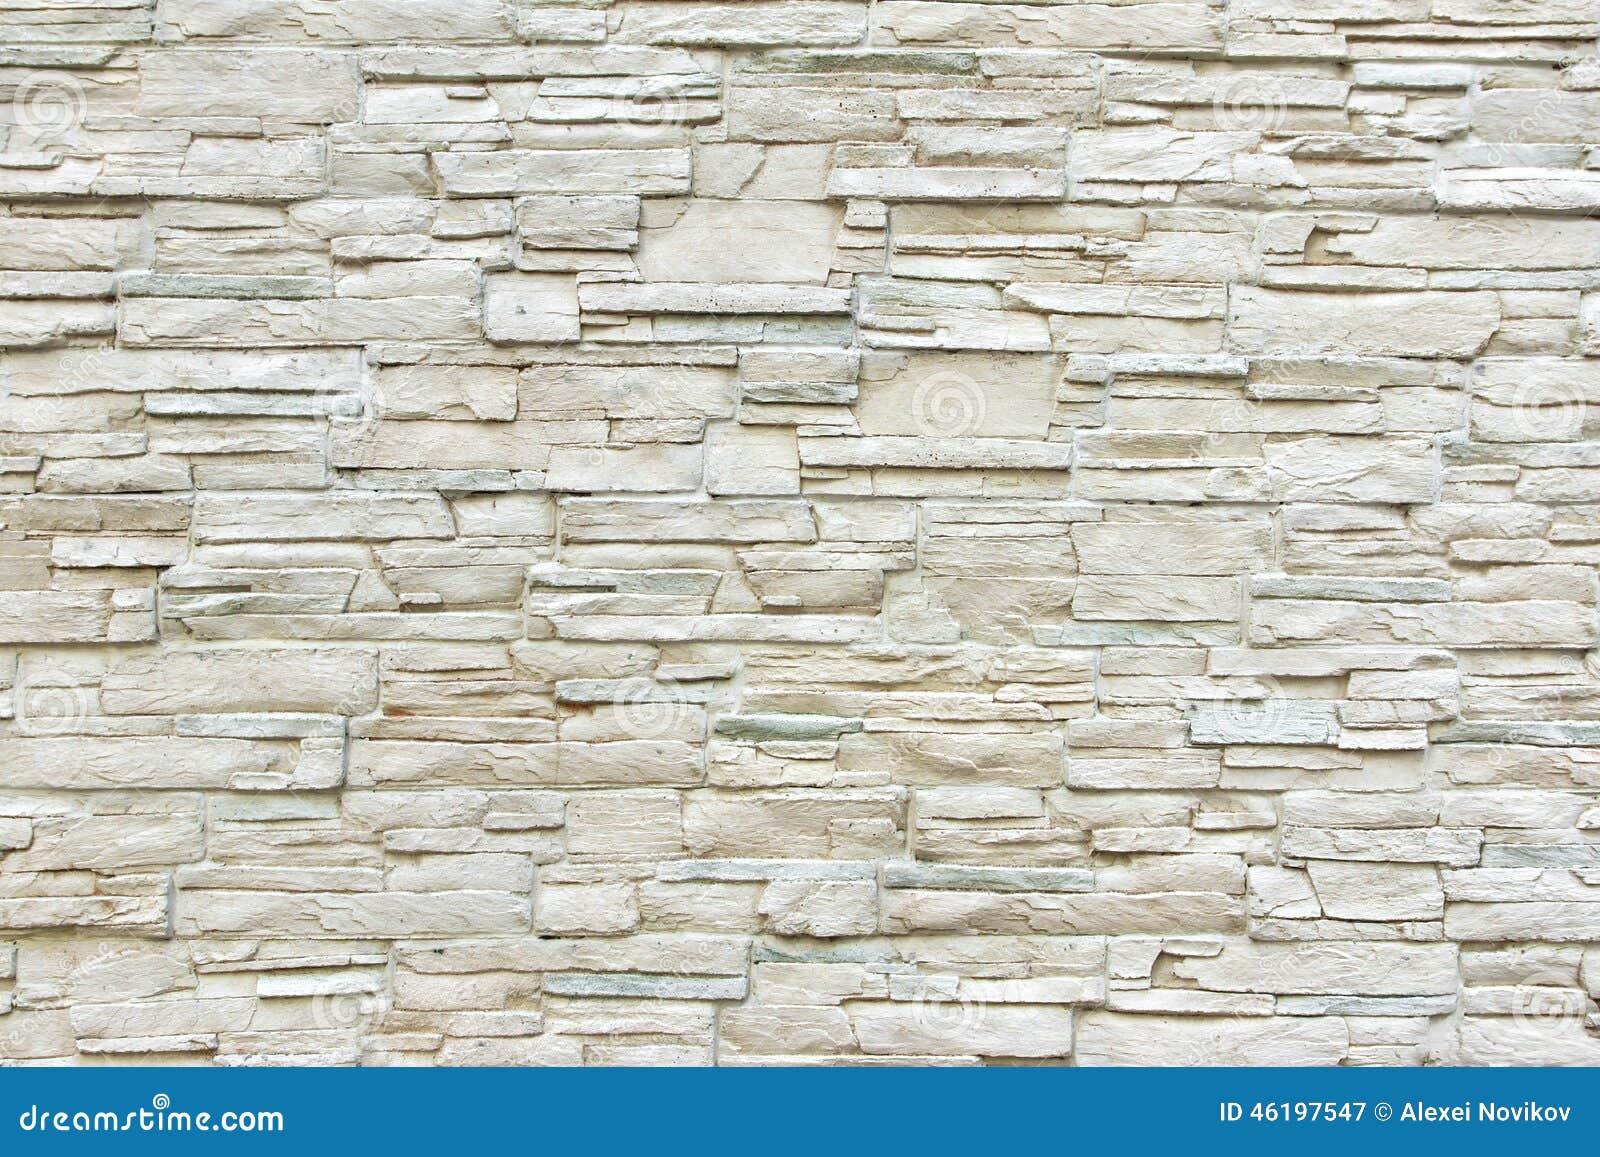 Pared de piedra artificial blanca foto de archivo imagen for Revestimiento pared piedra artificial